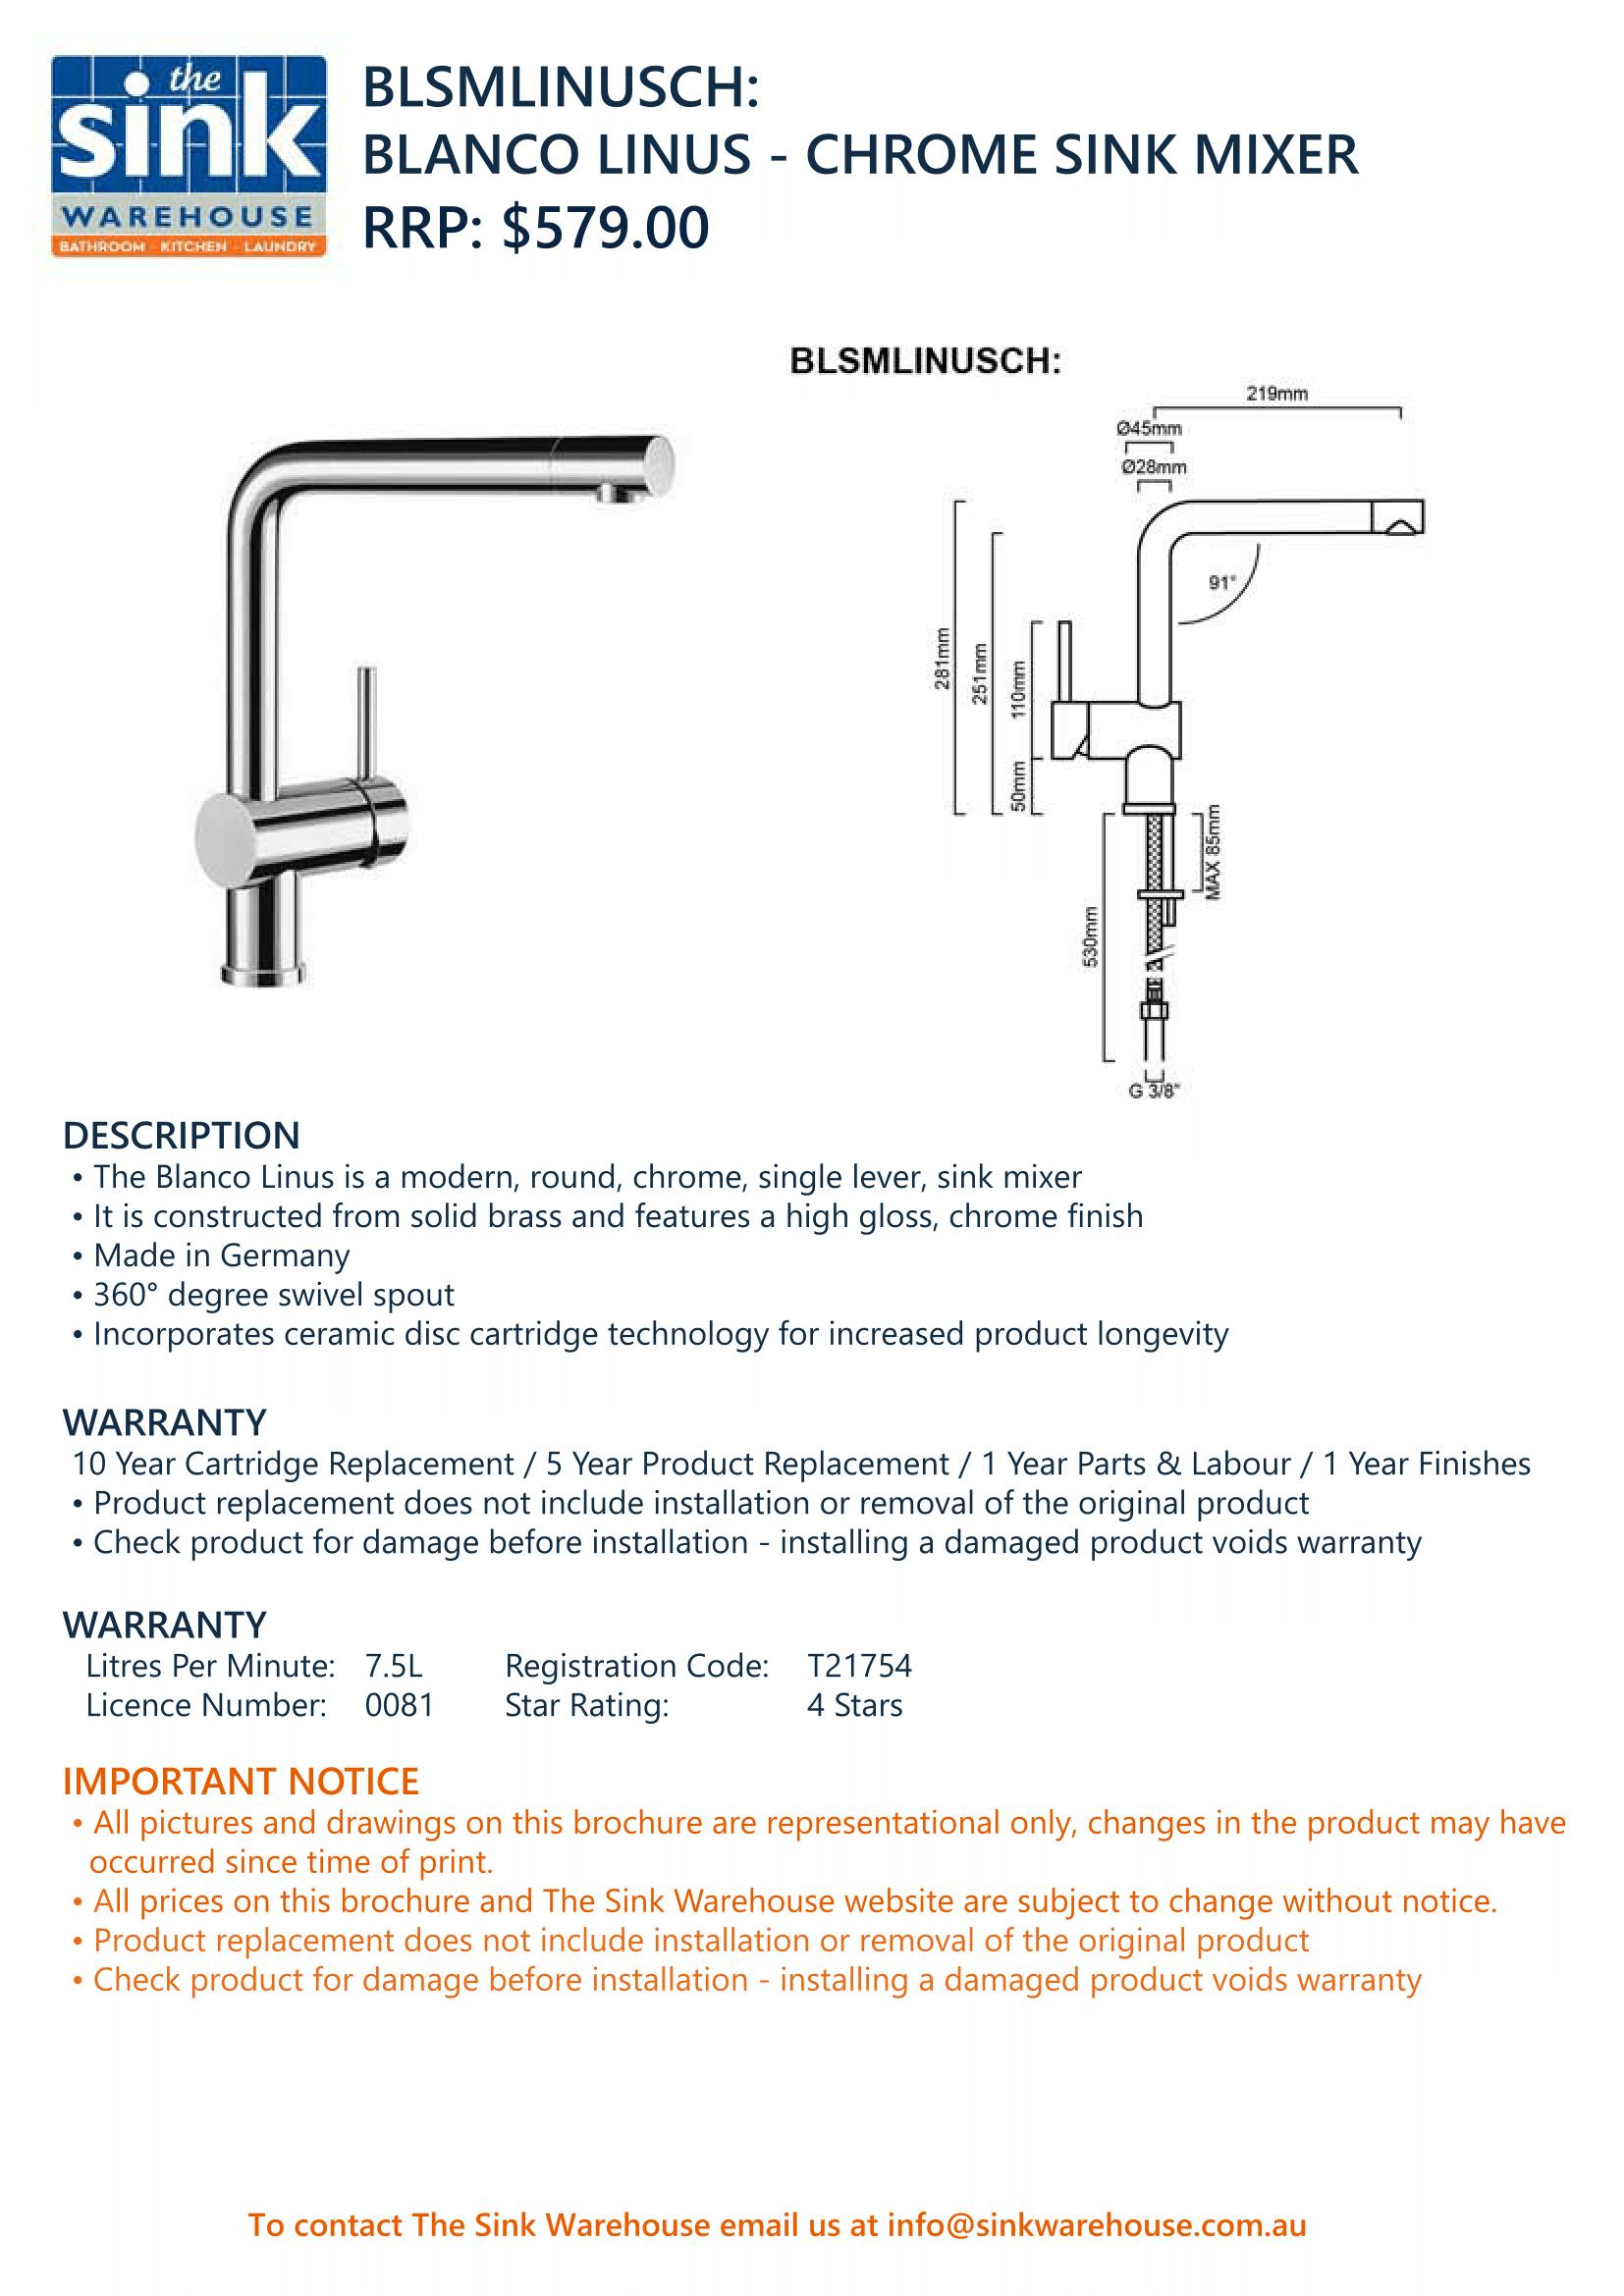 blsmlinusch-product-spec-sheet-1.png